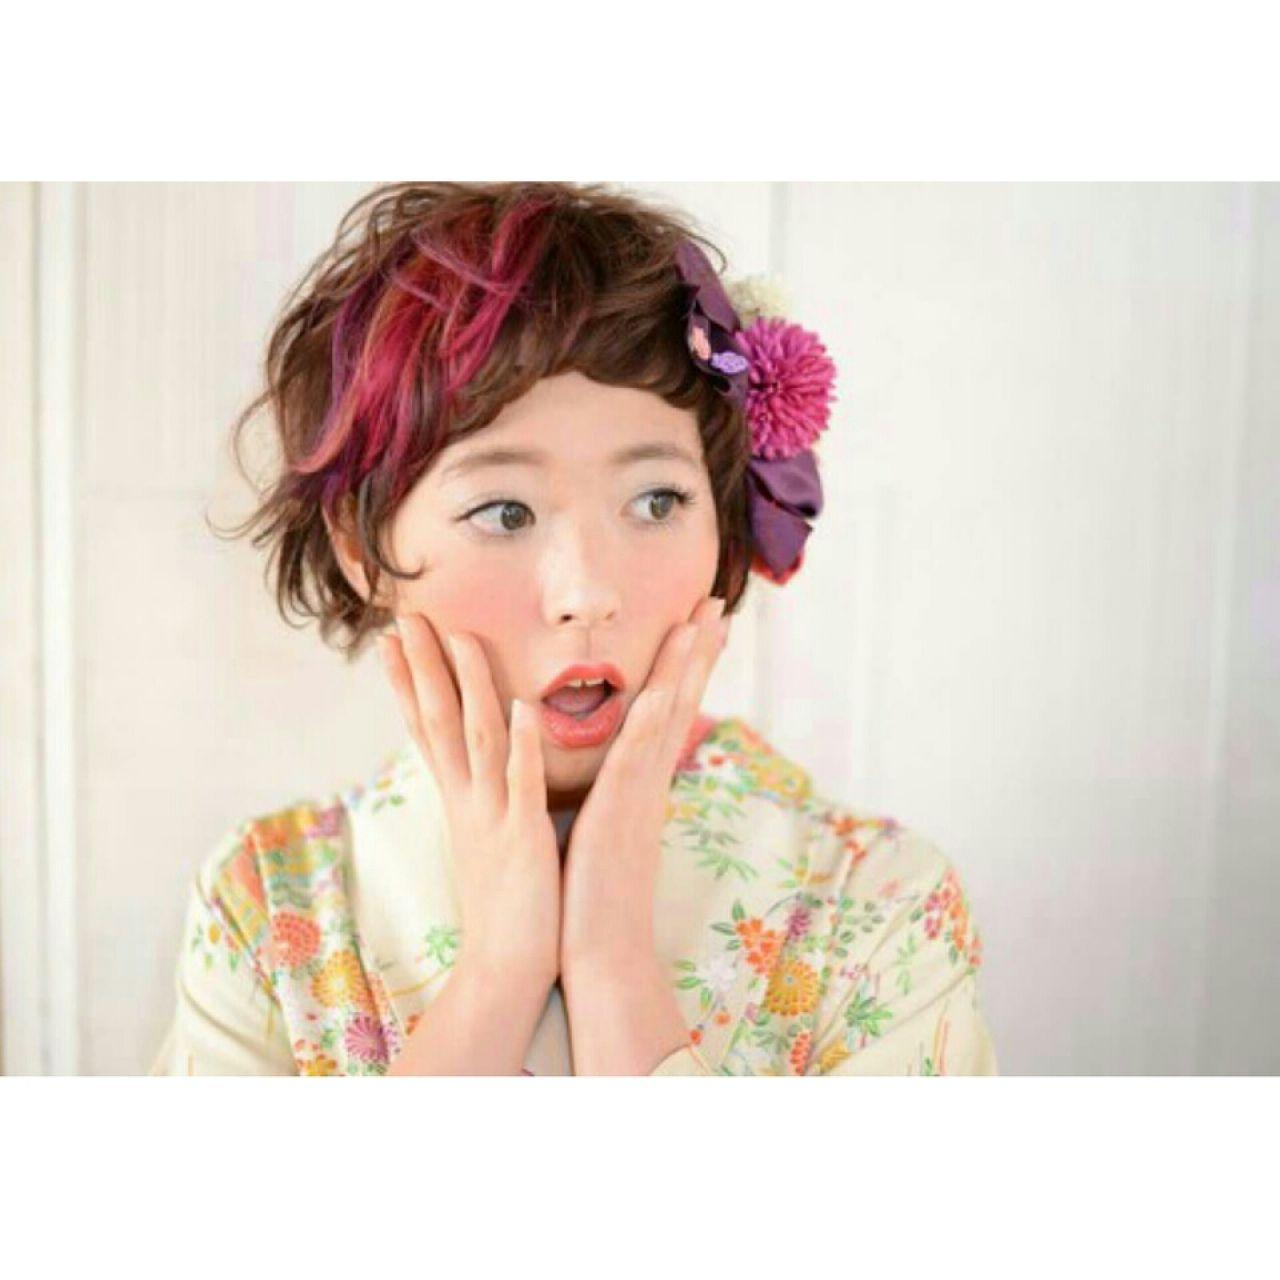 髪を傷ませずに染める方法?!セルフカラーで派手髪ちゃんに大変身♡ 長谷川 愛